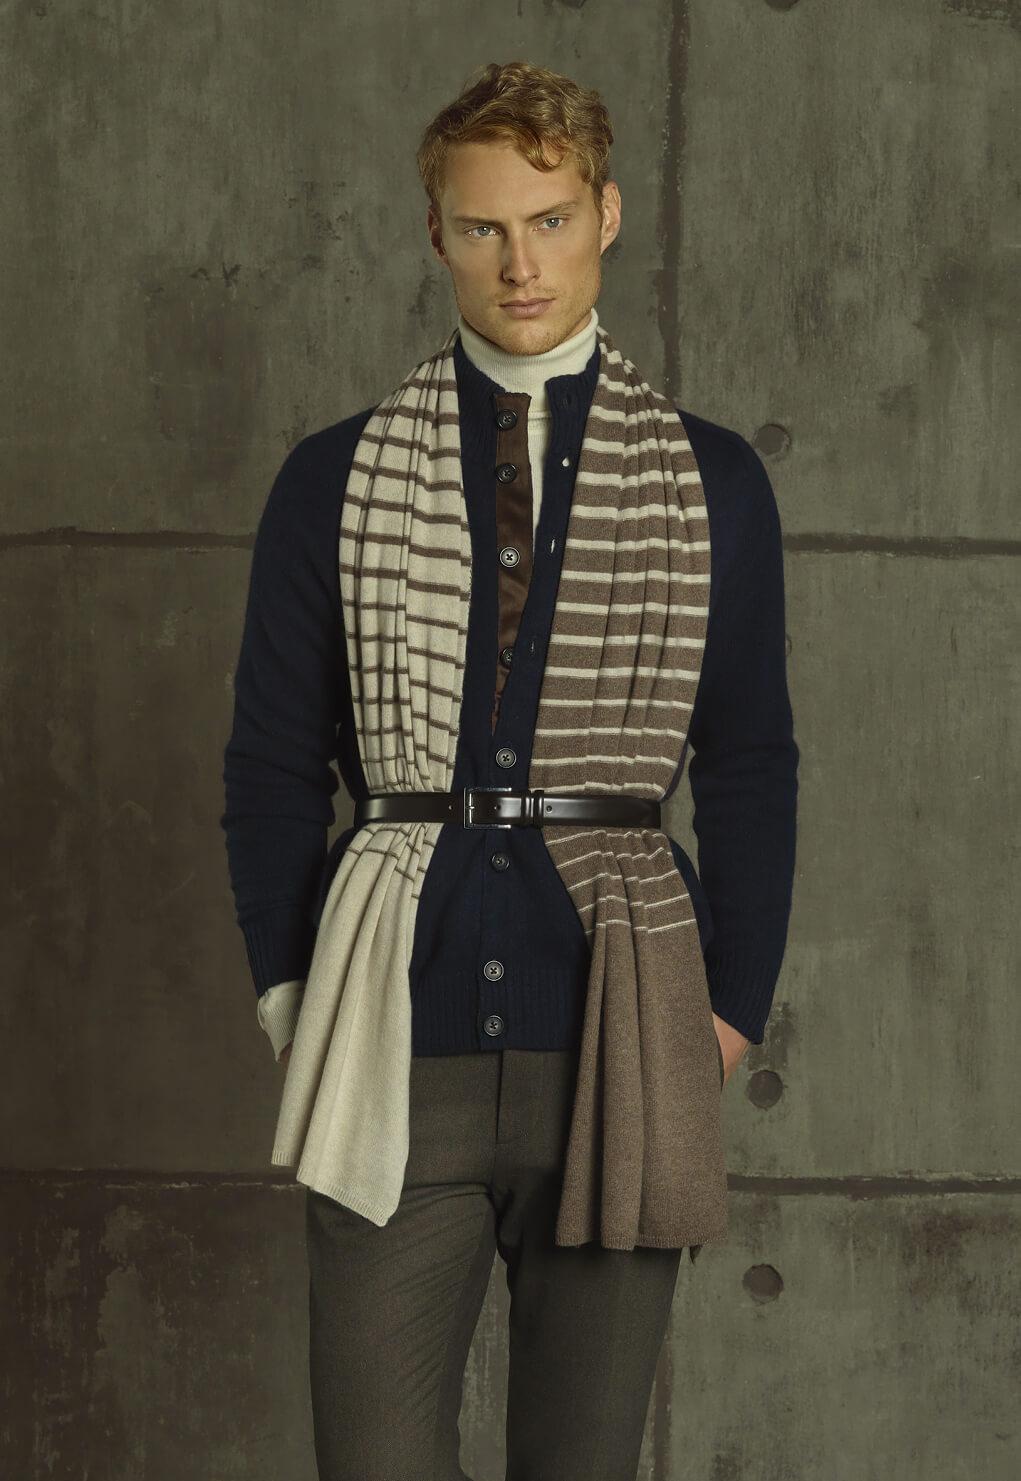 Duca di San Giusto cashmere Mirko Burin Fashion stylist 5